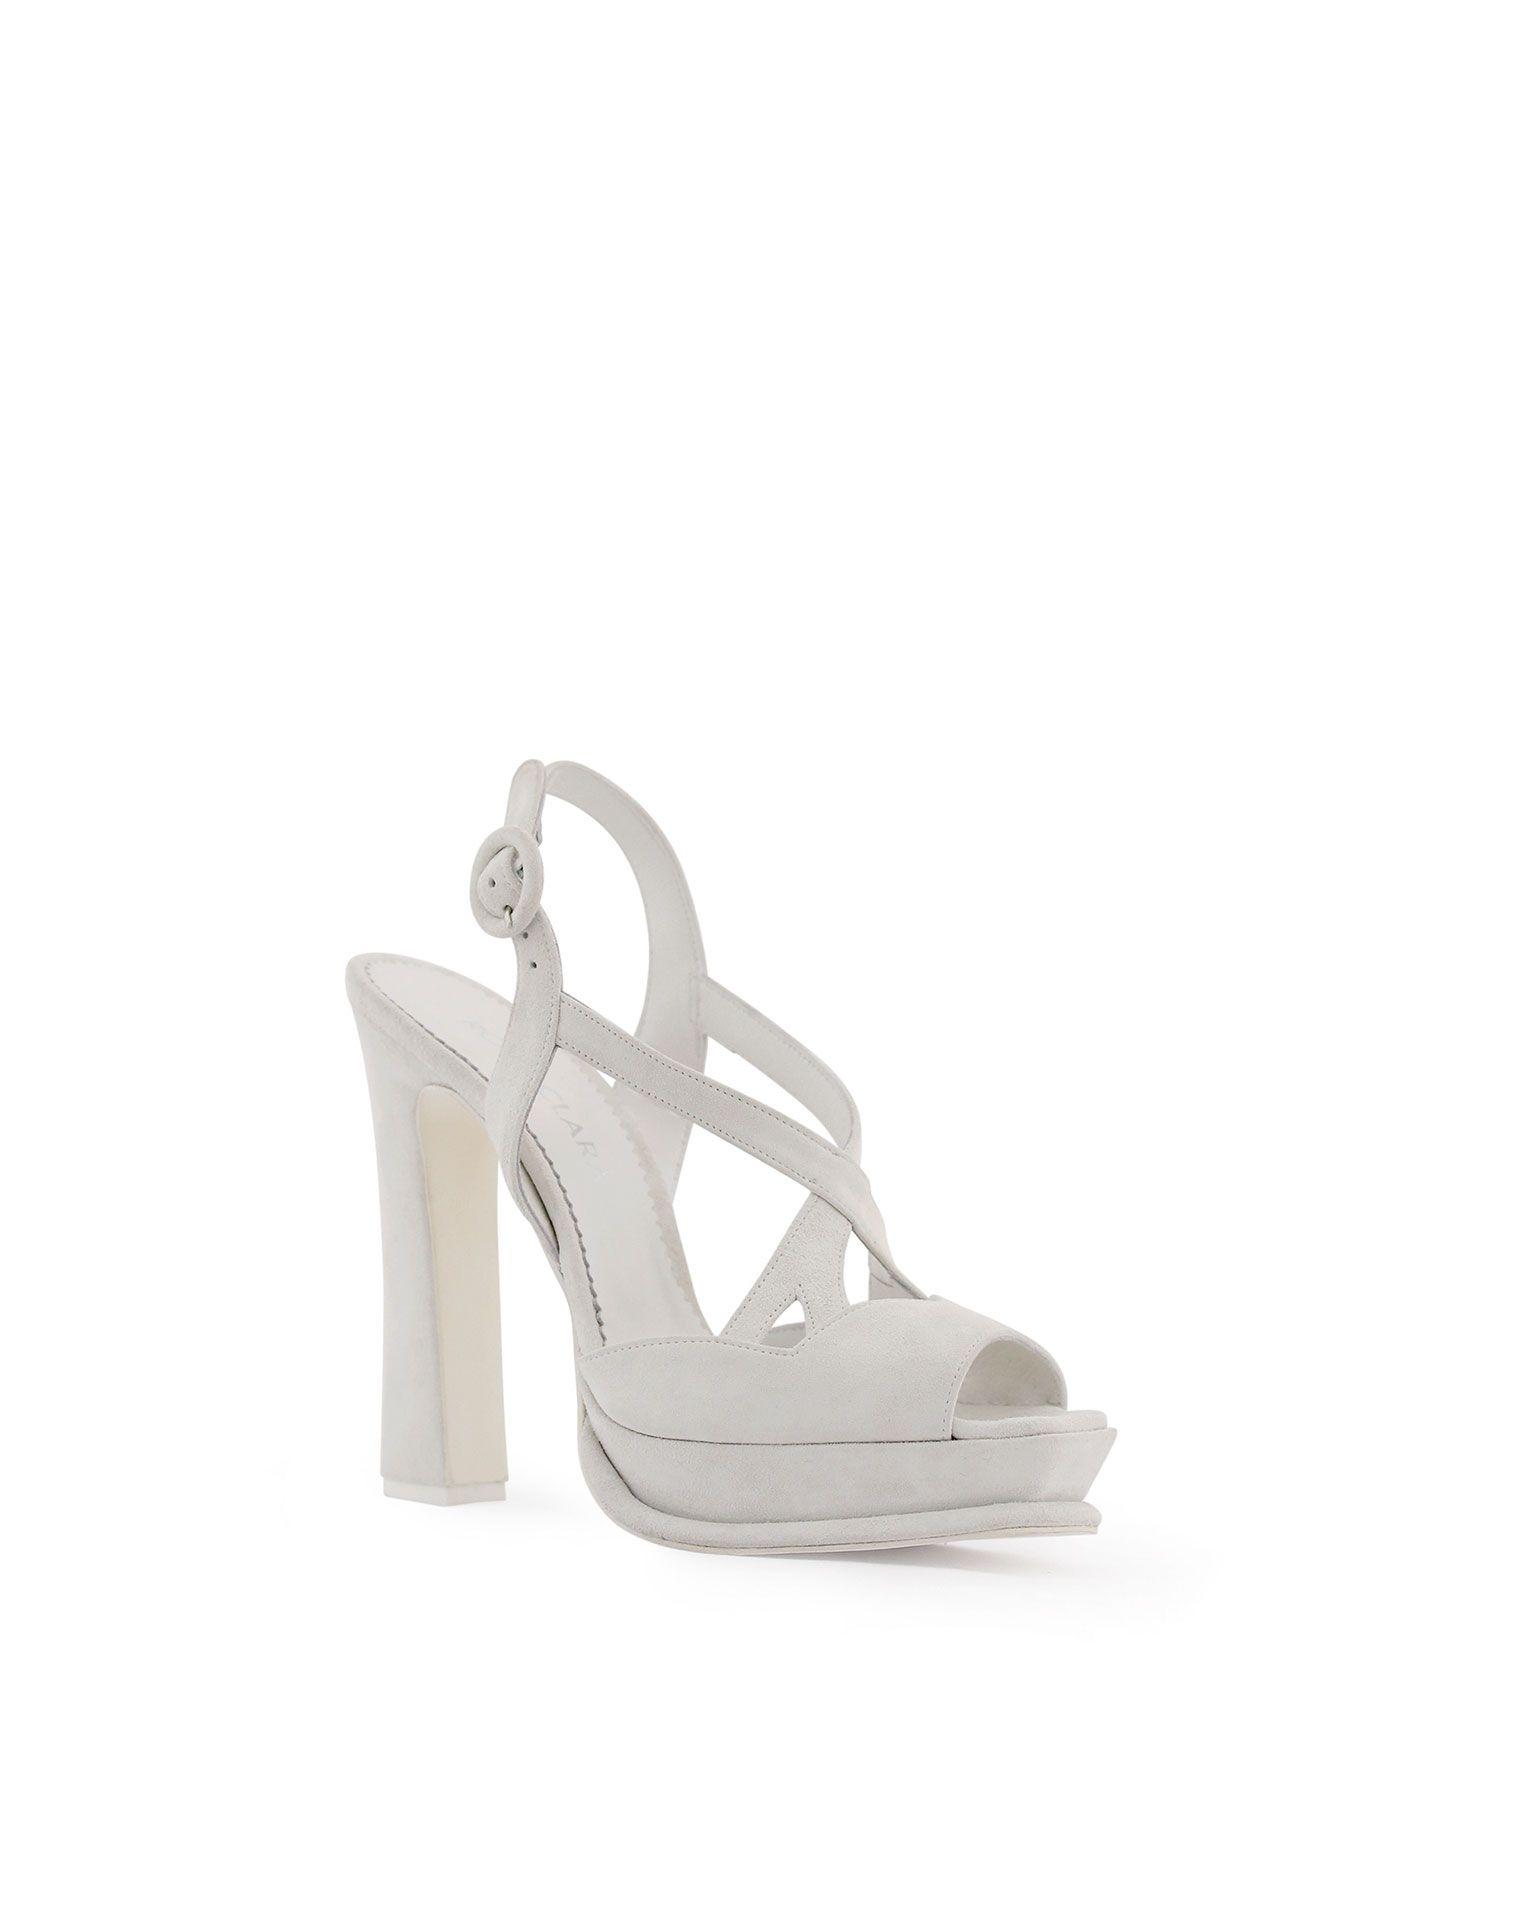 85c27604 Zapatos blancos Rosa Clara | Botas y zapatos | Zapatos de novia ...